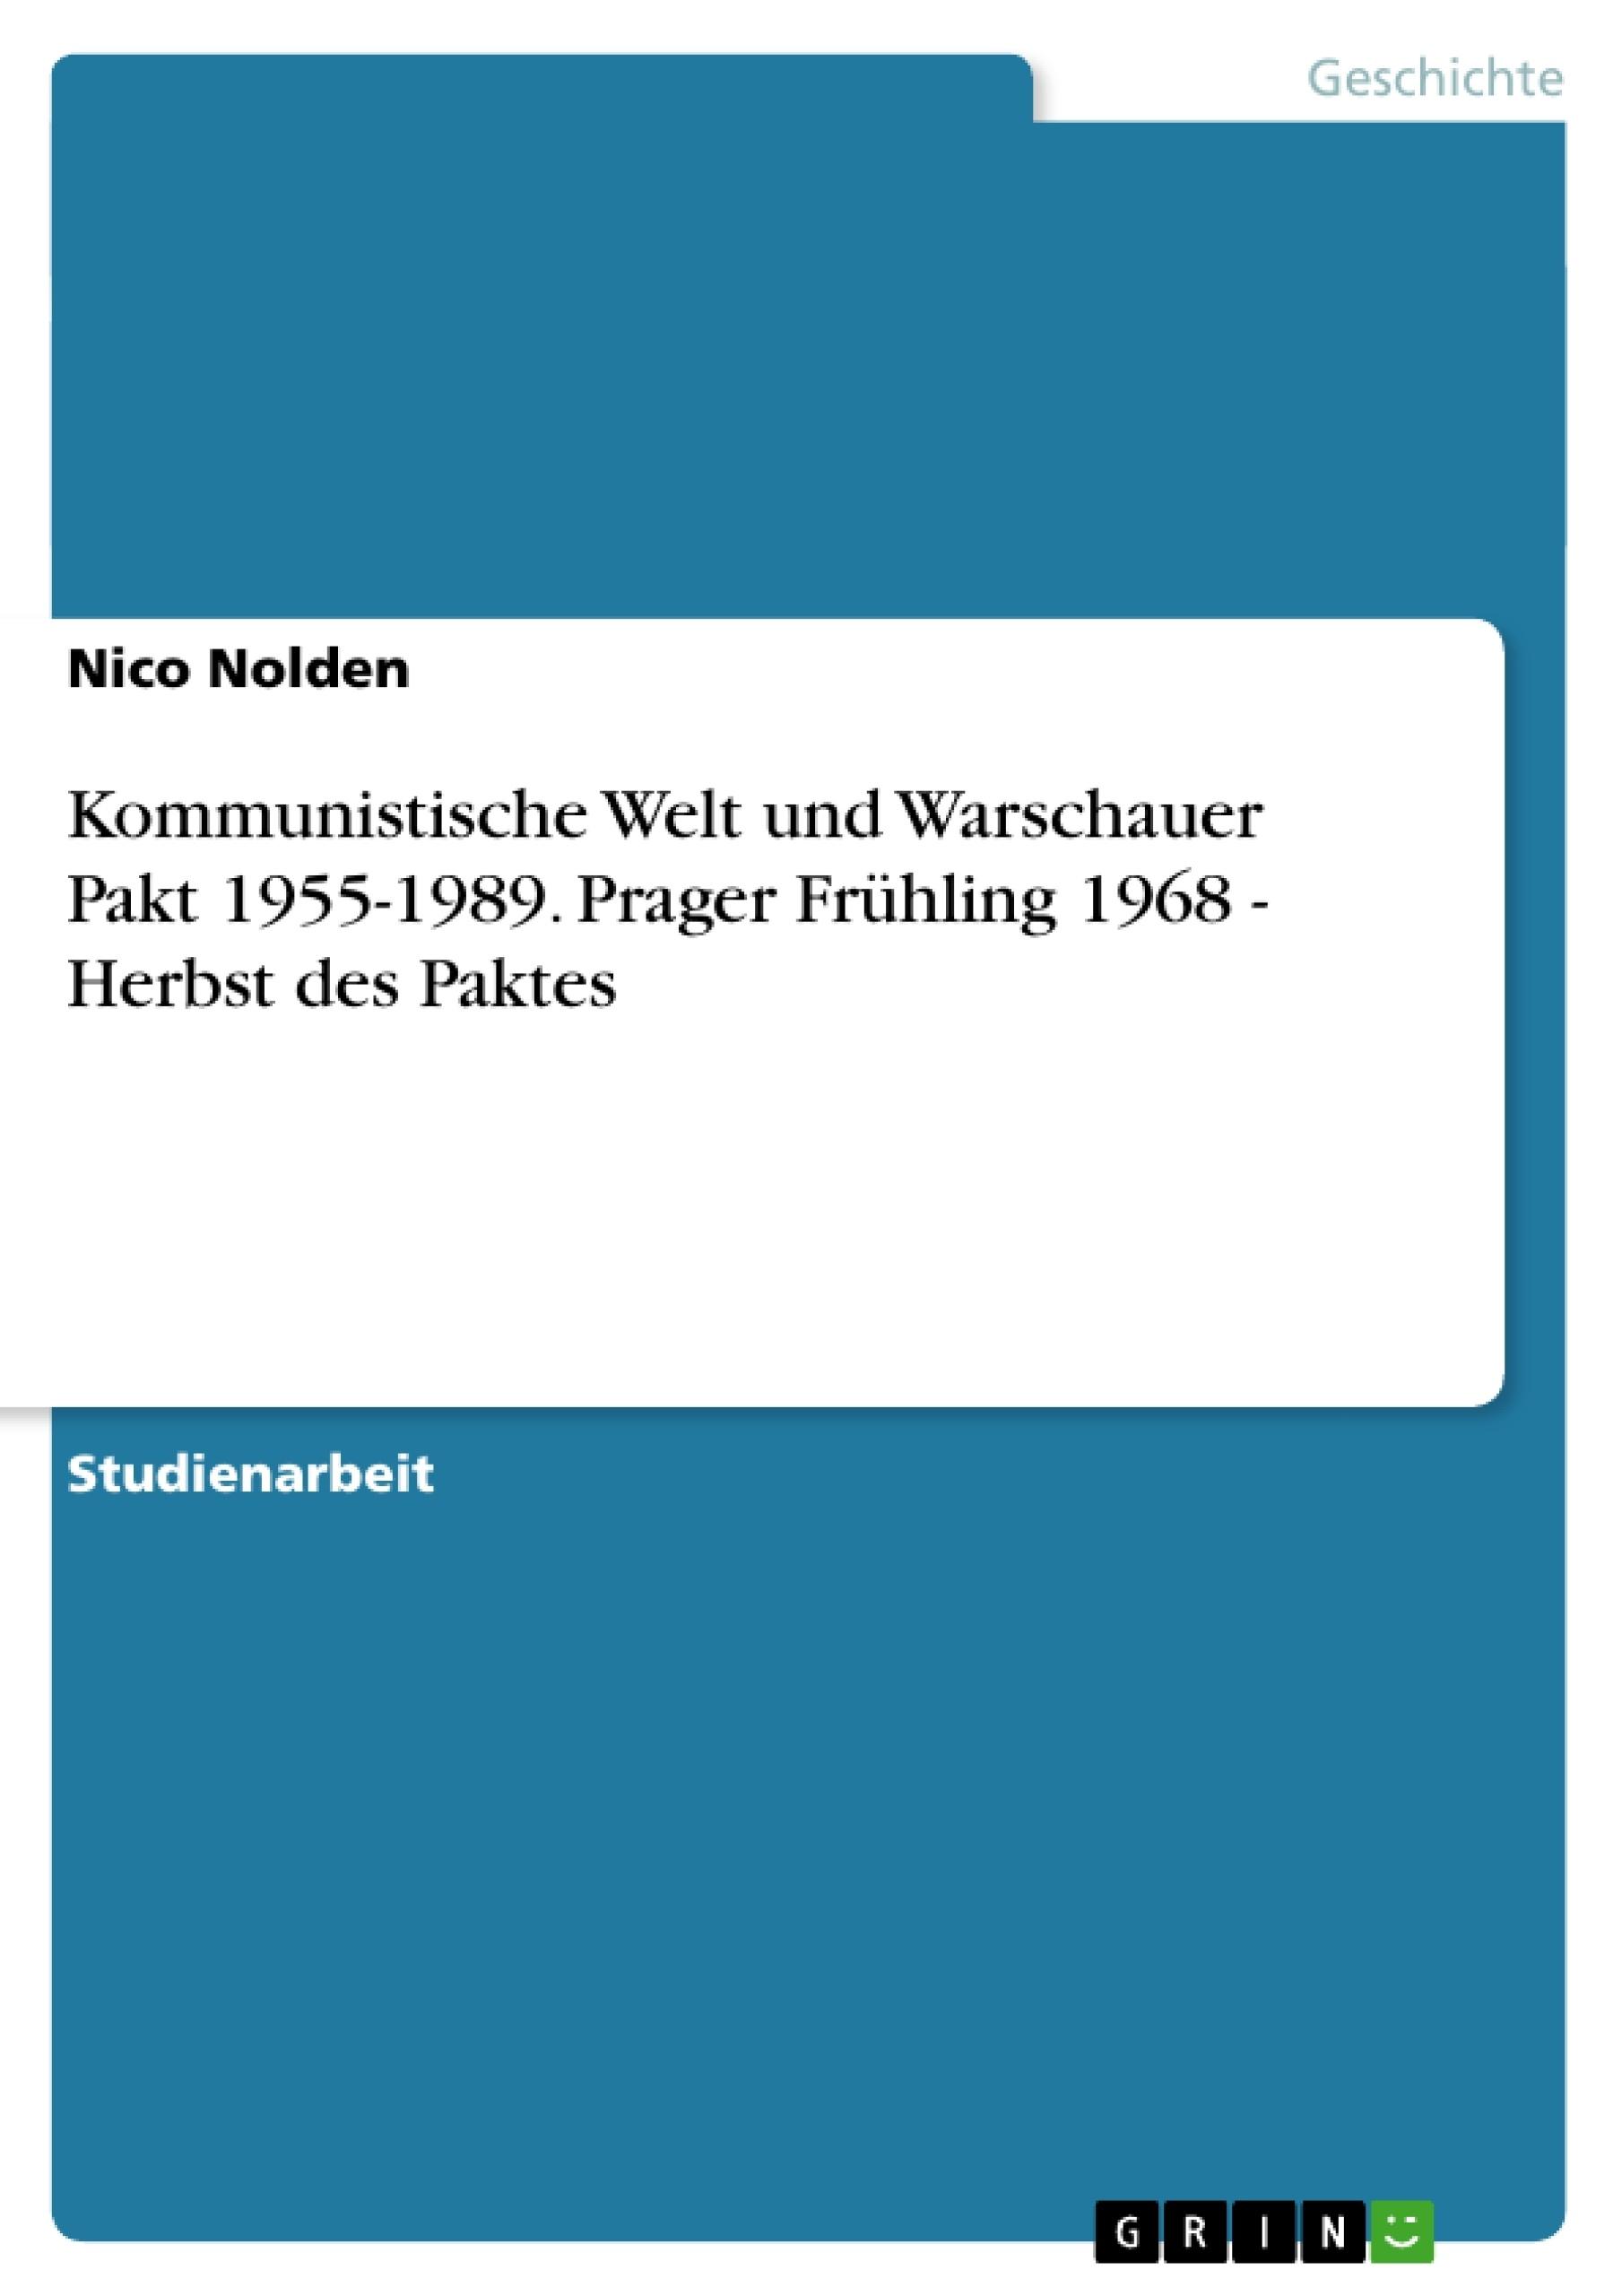 Titel: Kommunistische Welt und Warschauer Pakt 1955-1989. Prager Frühling 1968 - Herbst des Paktes